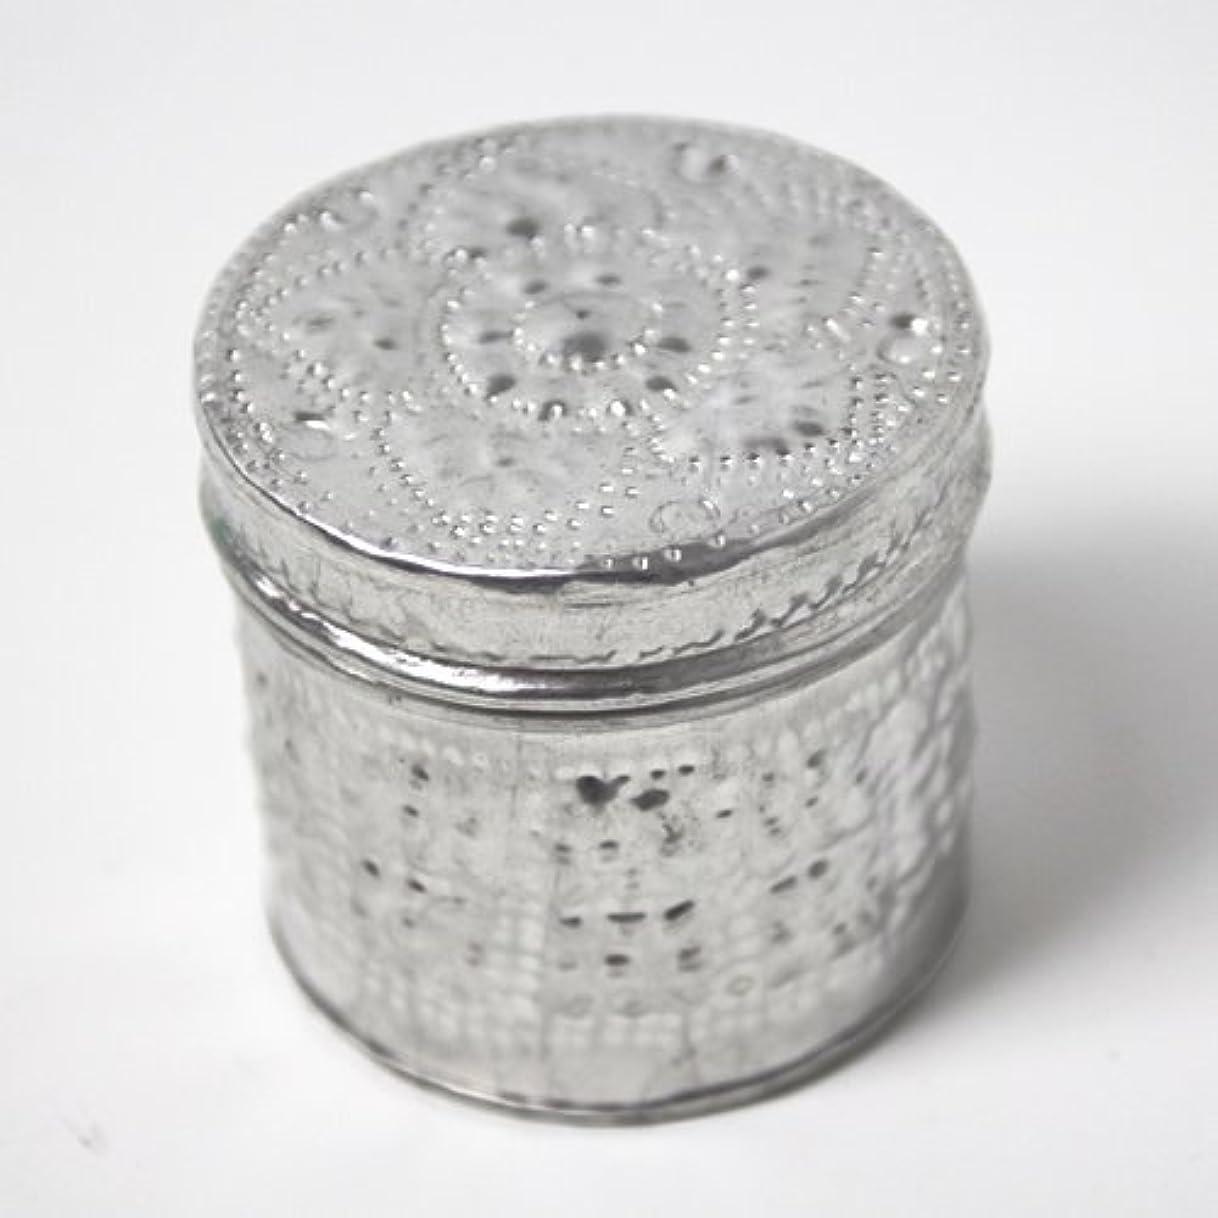 肥満ハブブバーターアルミアートのボックスにはいったアロマキャンドル?円柱